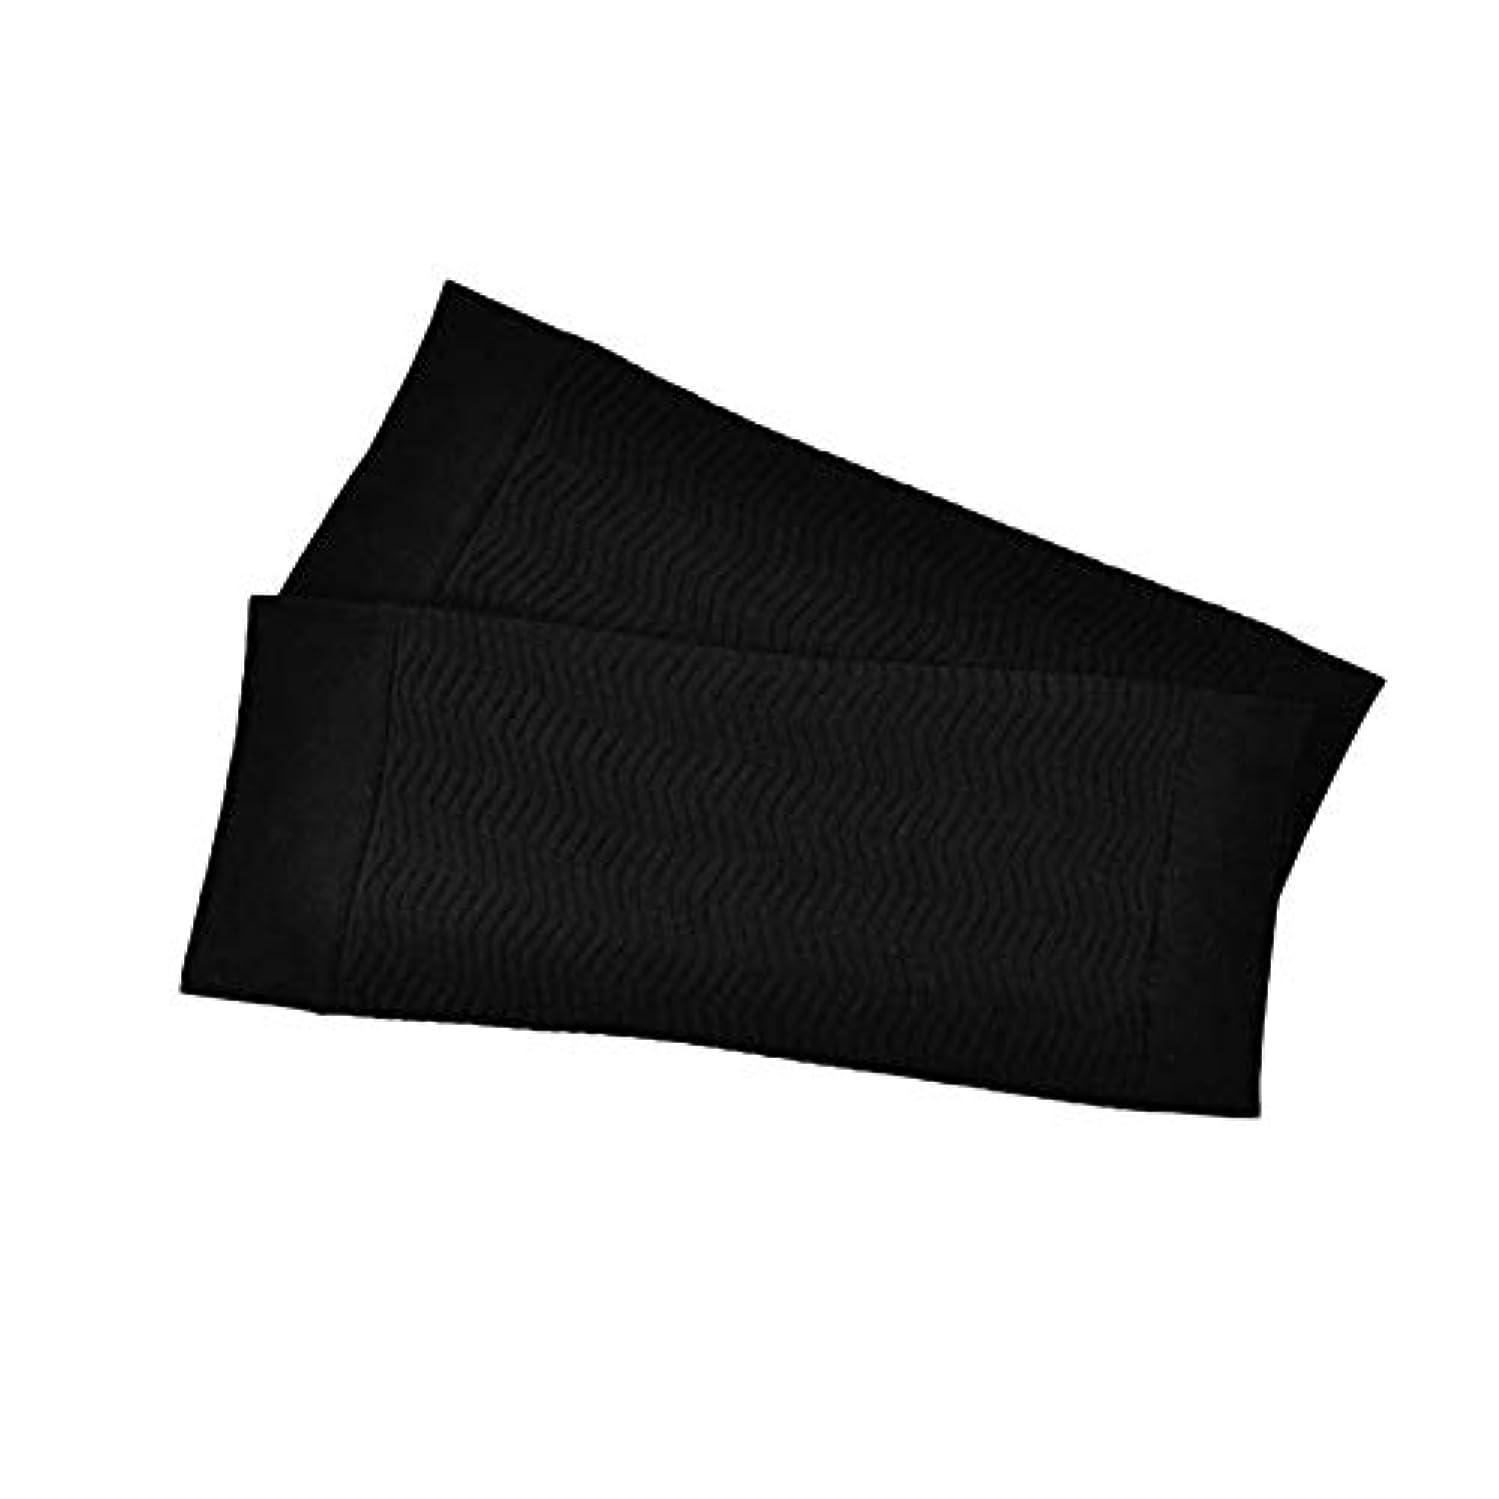 無心サーキットに行く脅迫1ペア680Dコンプレッションアームシェイパーワークアウトトーニングバーンセルライトスリミングアームスリーブファットバーニングショートスリーブ女性用-ブラック